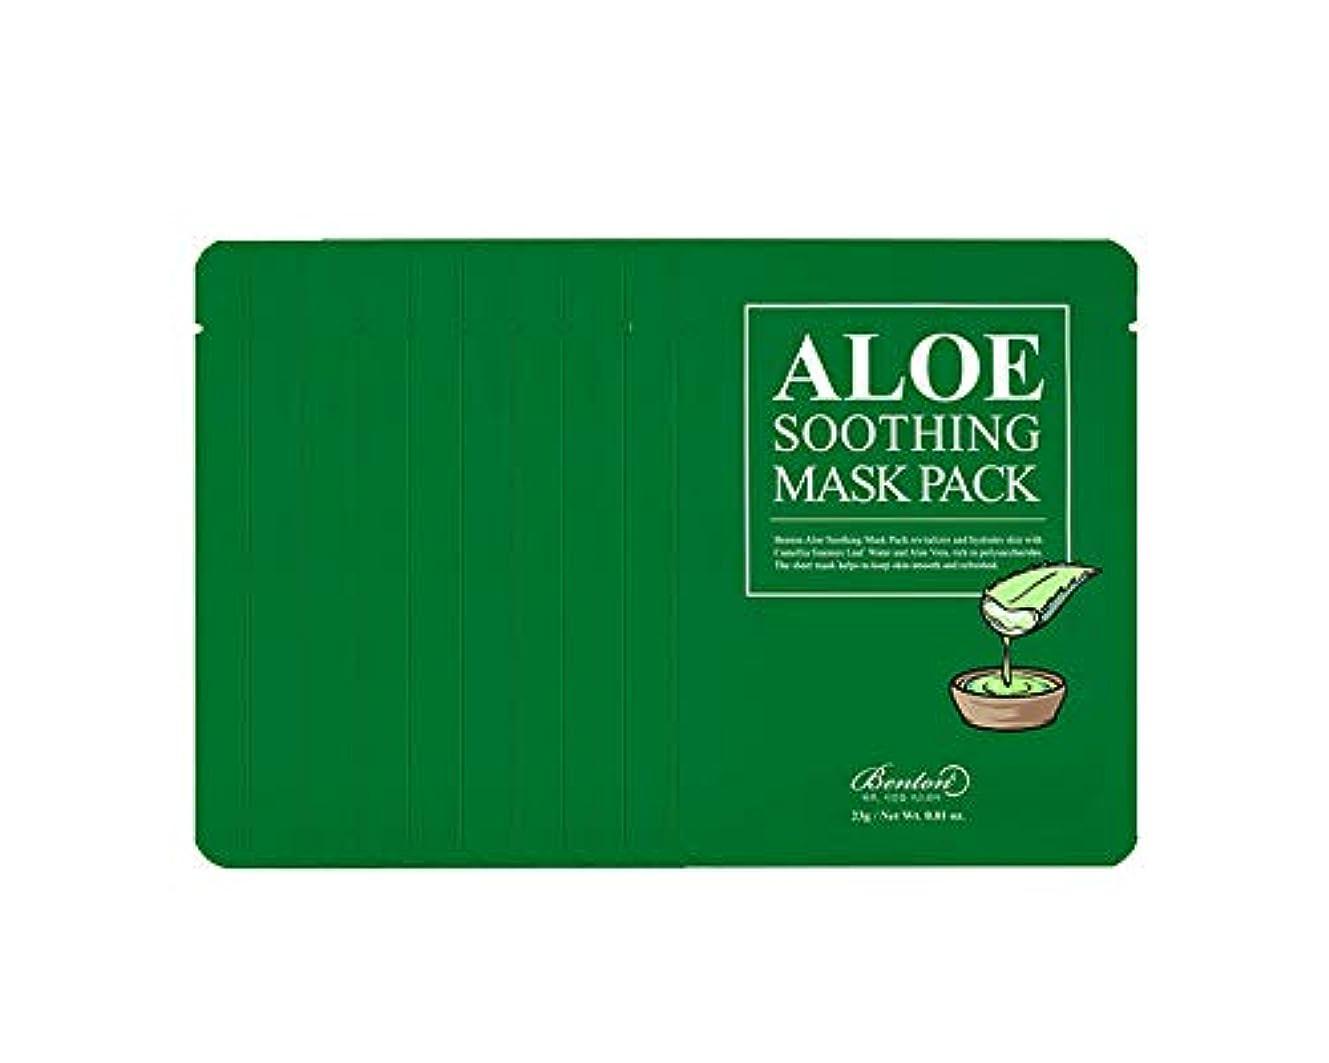 類推オーストラリア悲鳴[ベントン] アロエスージングマスクパック Benton Aloe Soothing Mask Pack 10 Sheets [並行輸入品]